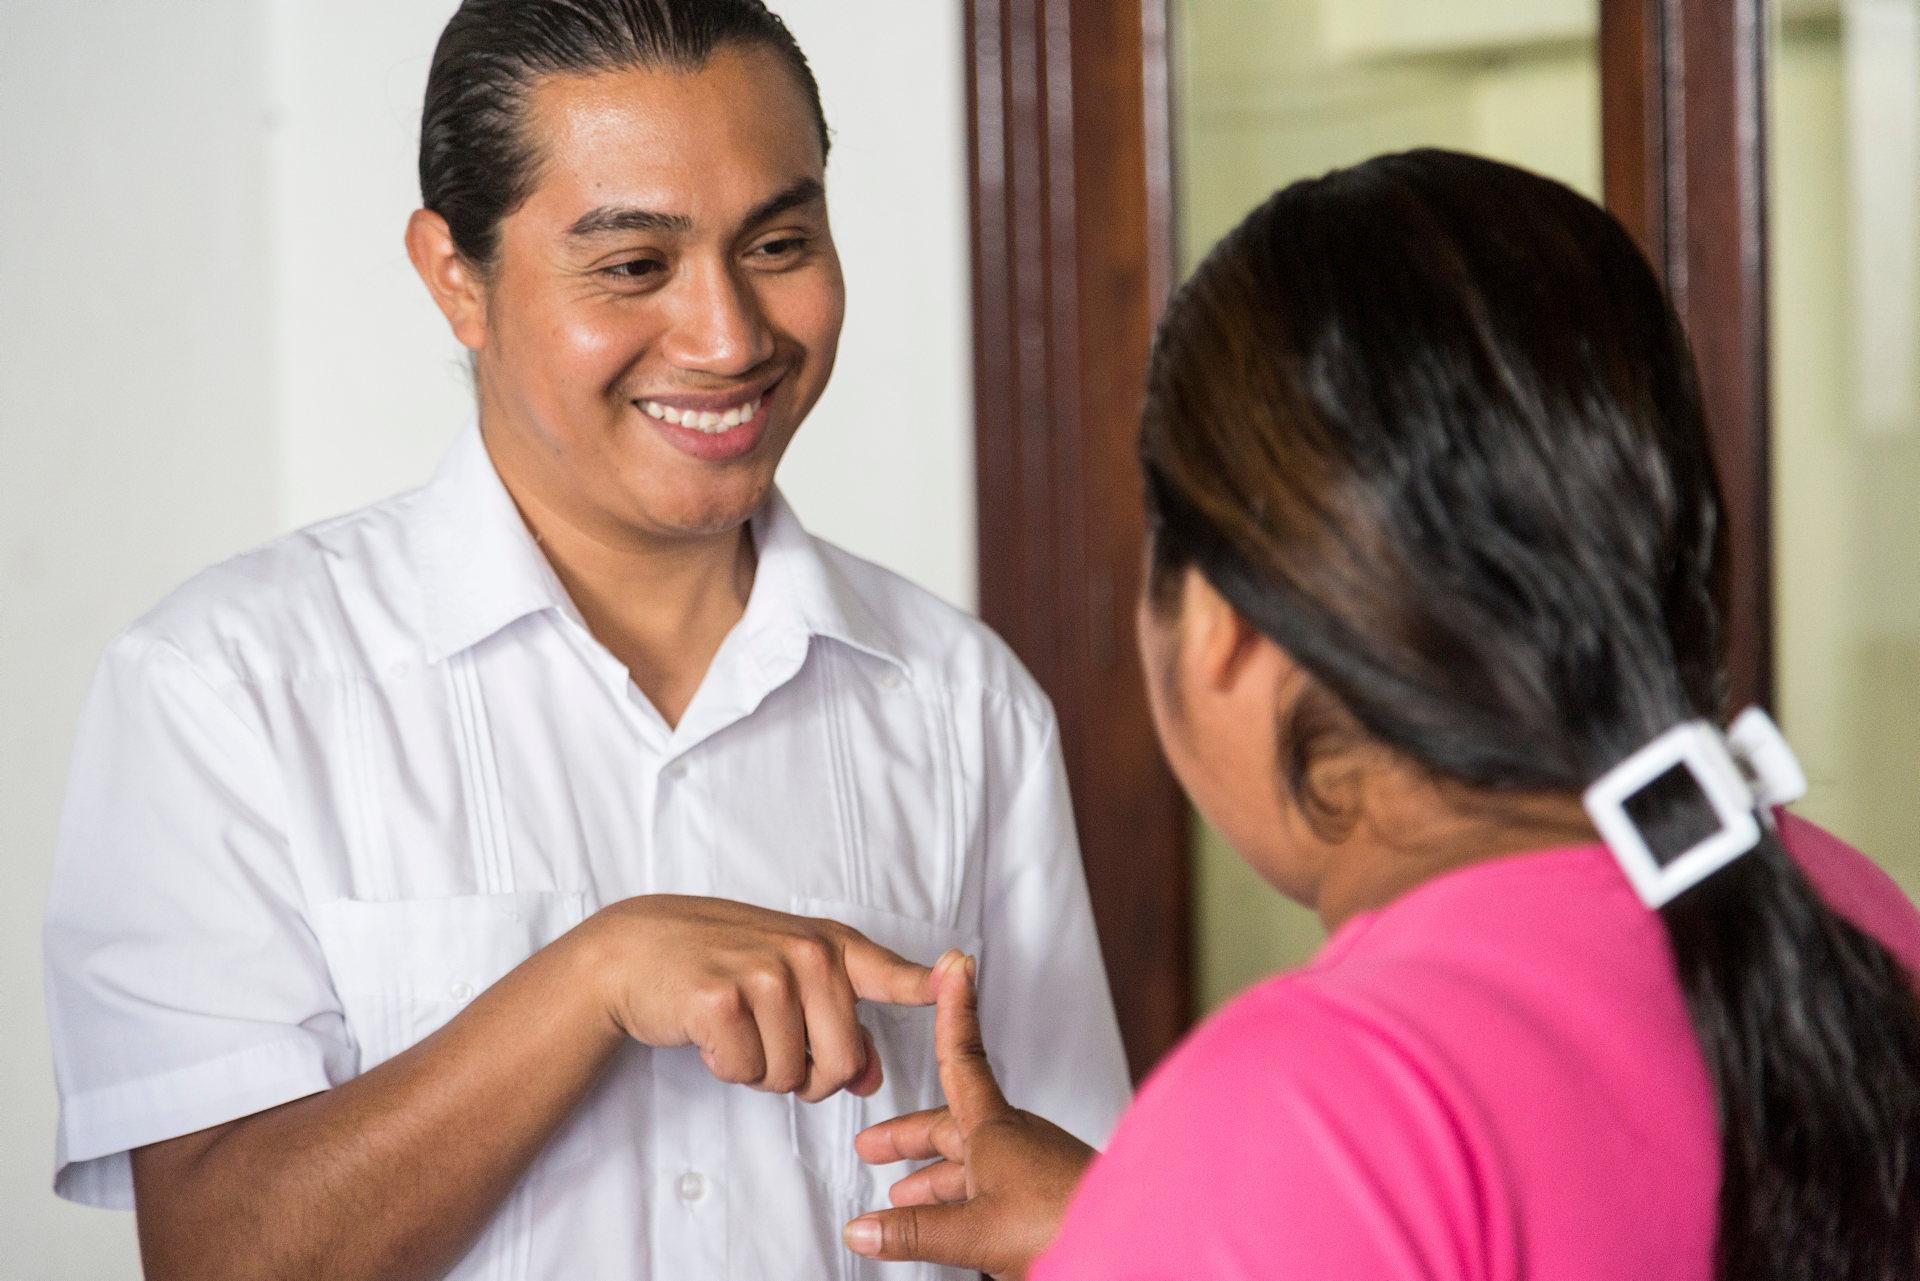 Centralamerika är en av världens mest våldsamma regioner. Våldet drabbar särskilt kvinnor, barn och unga. Genom att ge en gåva bidrar du till att utsatta grupper kan utkräva sina rättigheter och till aktiviteter som motverkar våld, förtryck och destruktiva könsroller.